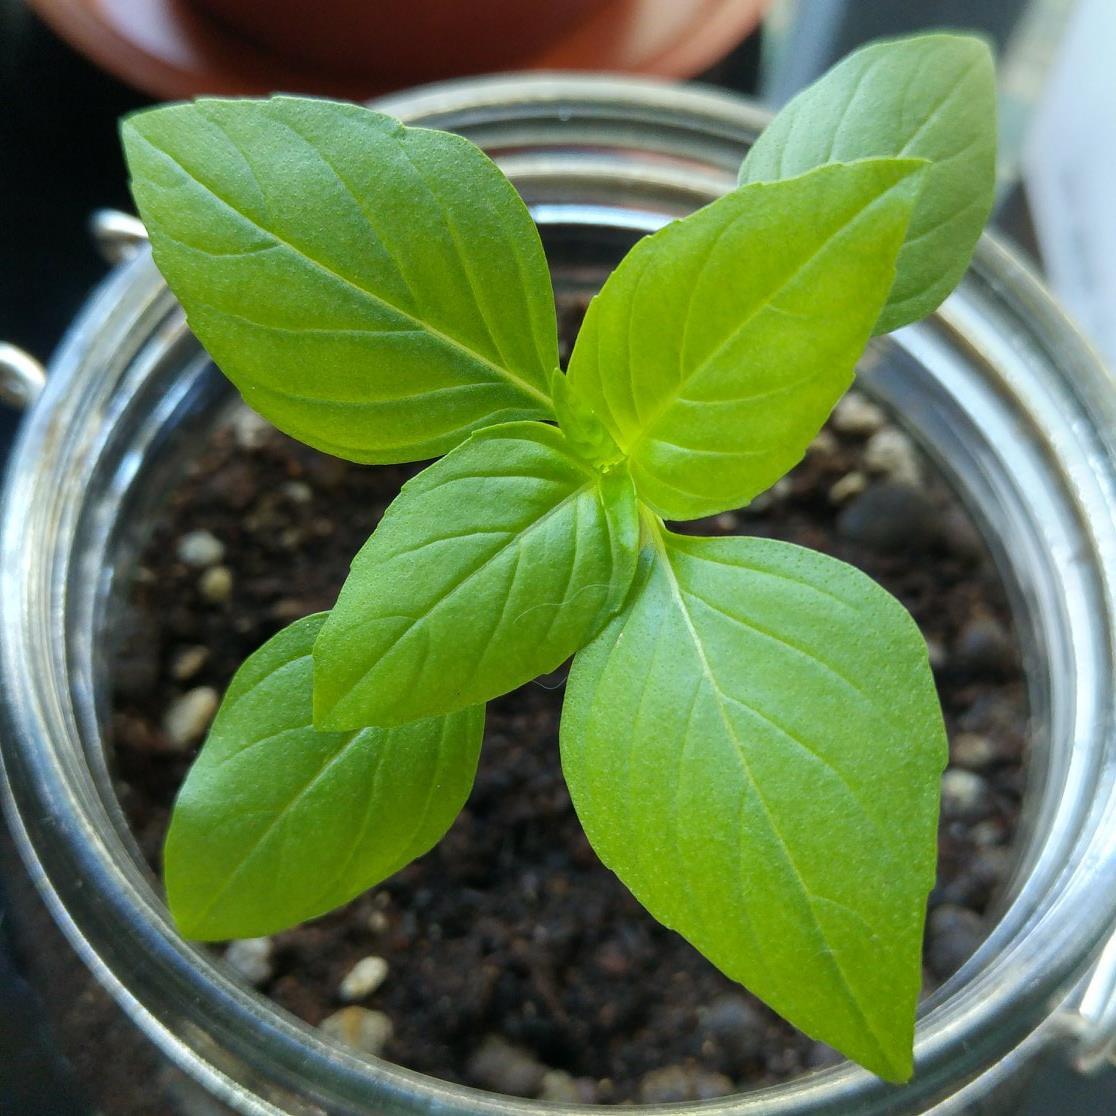 Grow Thai Basil Day 10